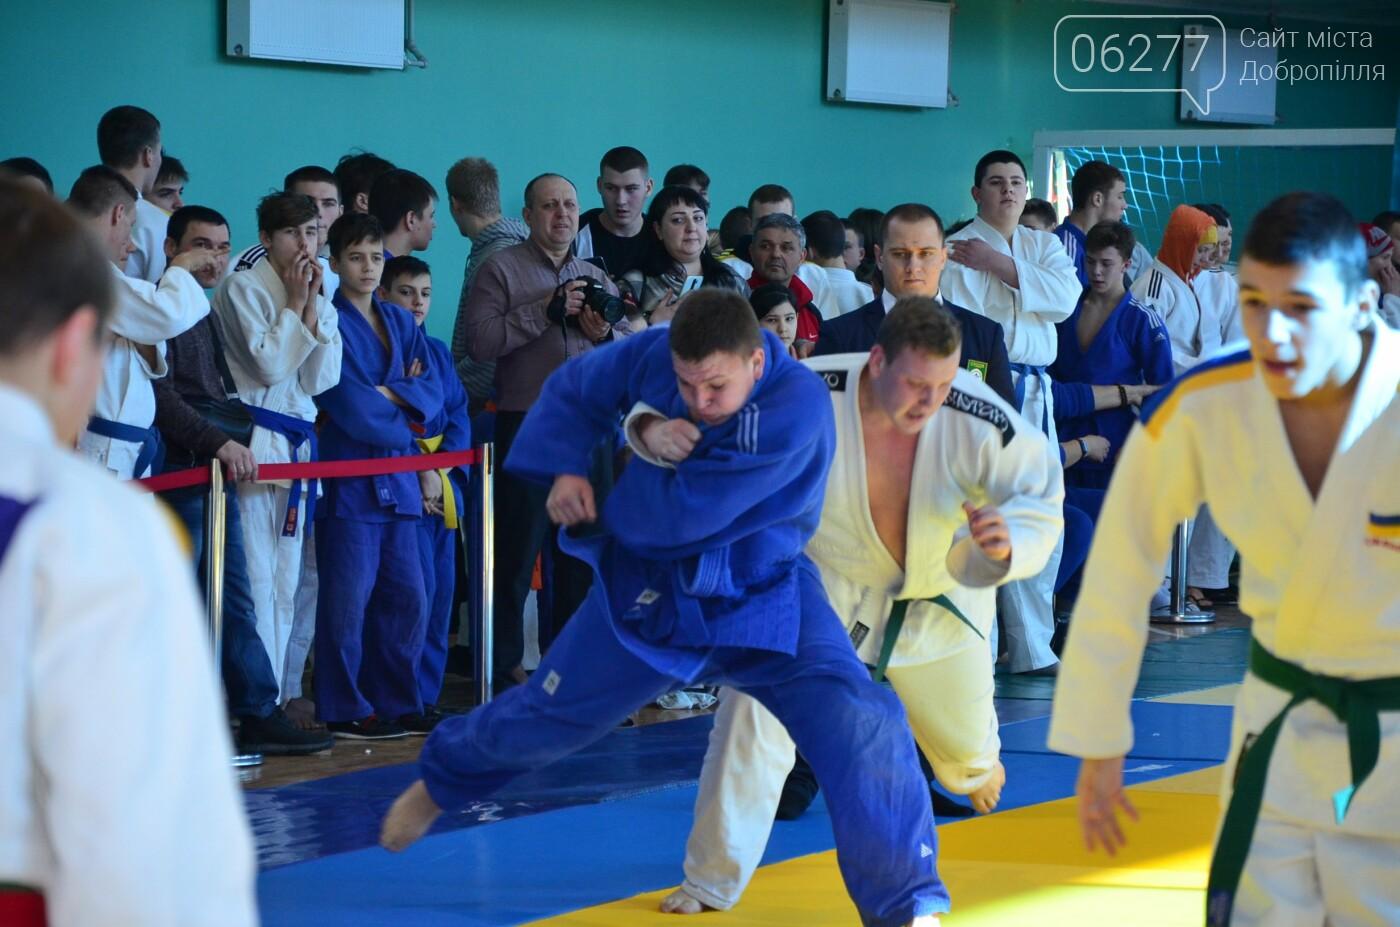 У Добропіллі відбувся Чемпіонат Донецької області з дзюдо, фото-2